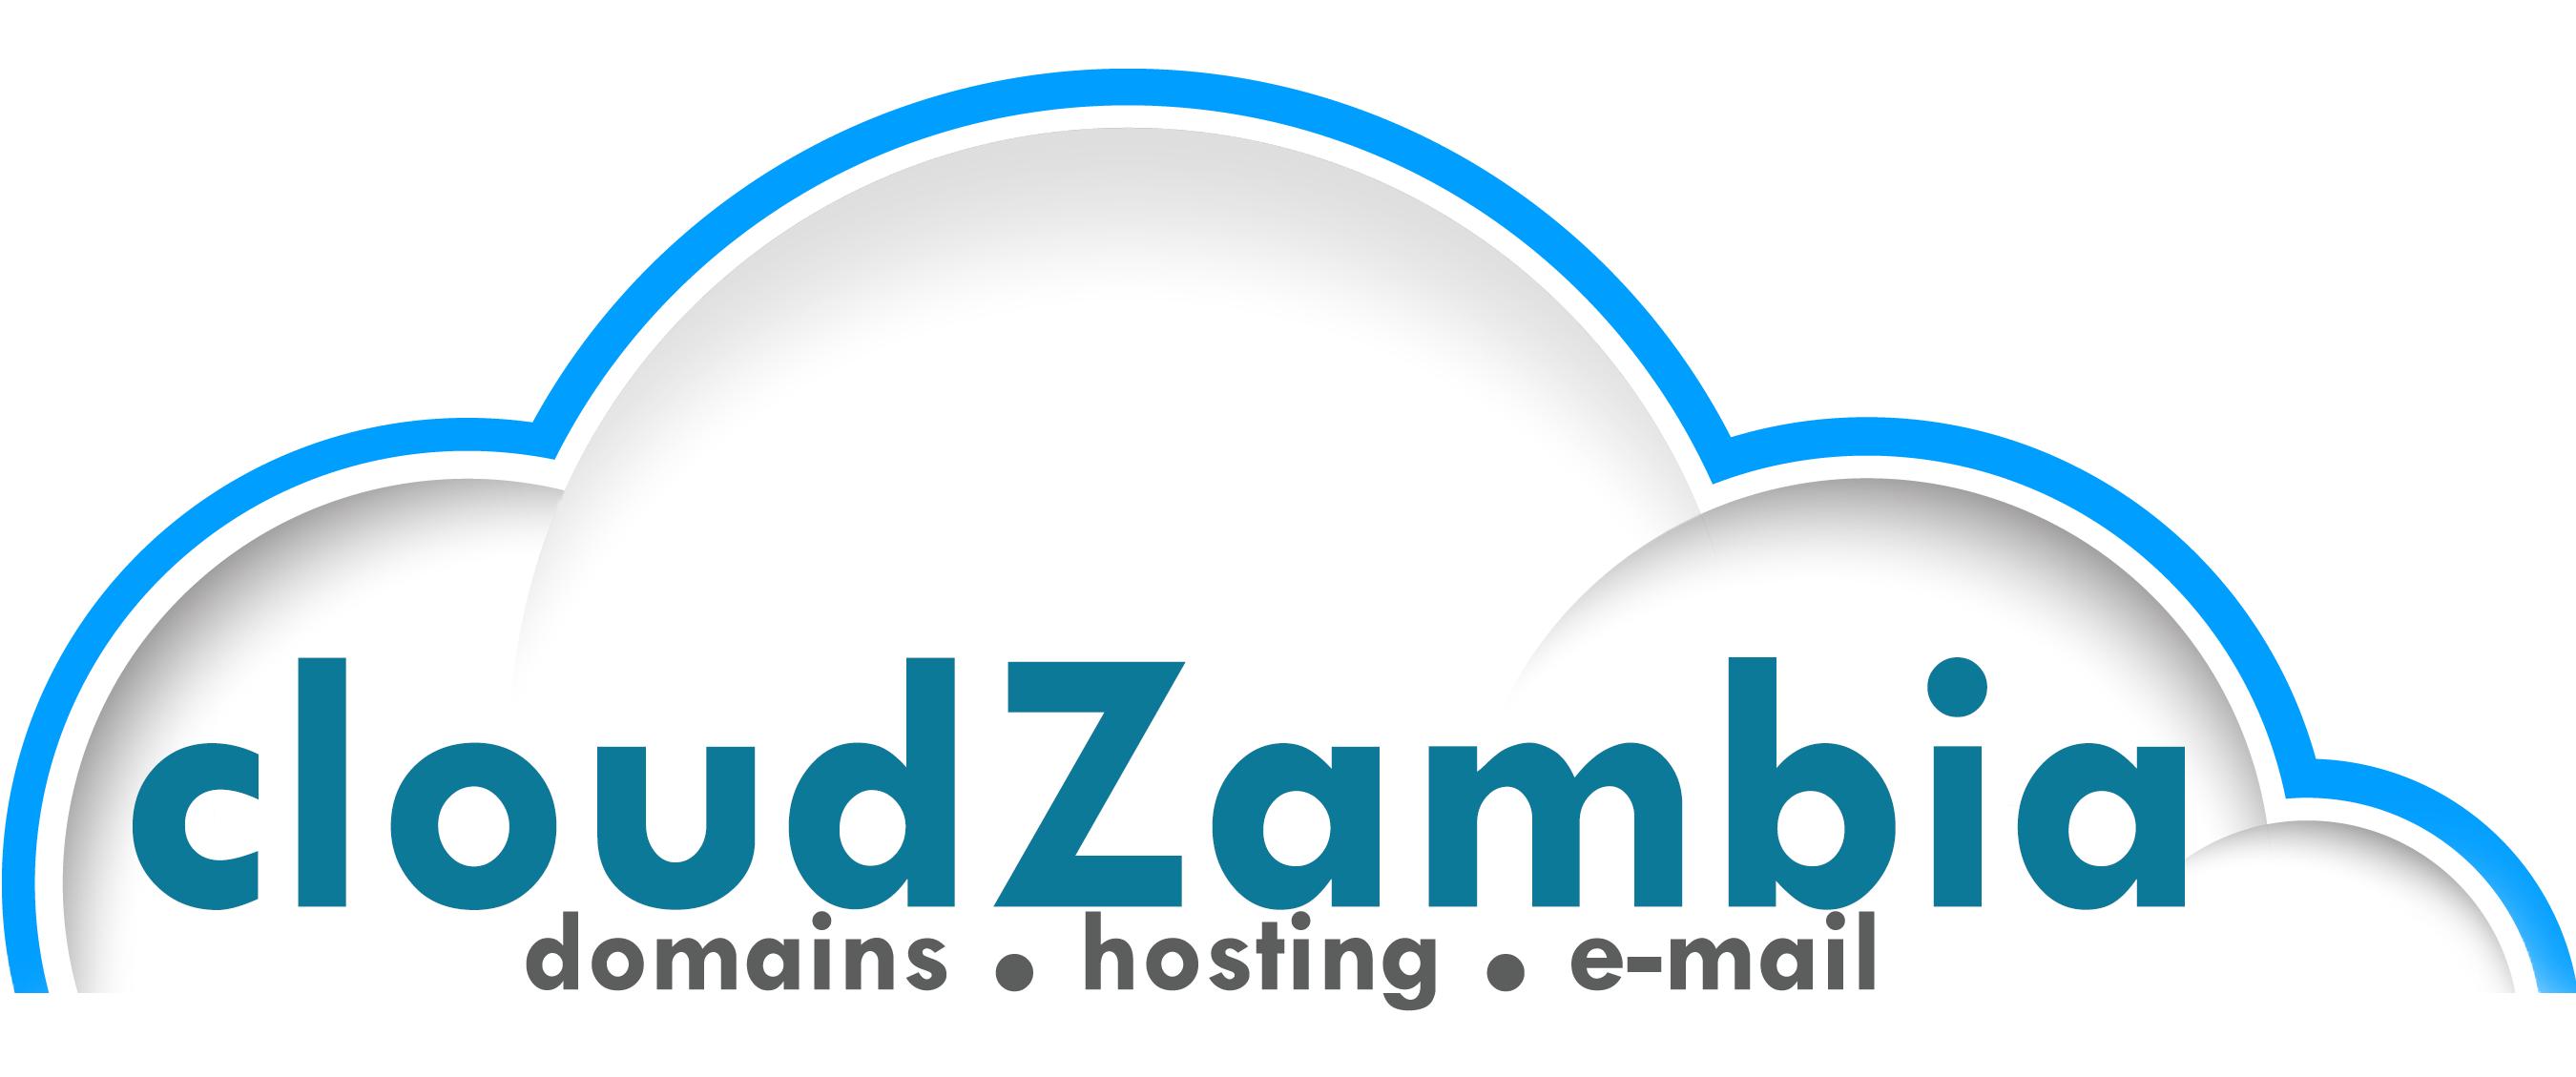 CLOUD ZAMBIA